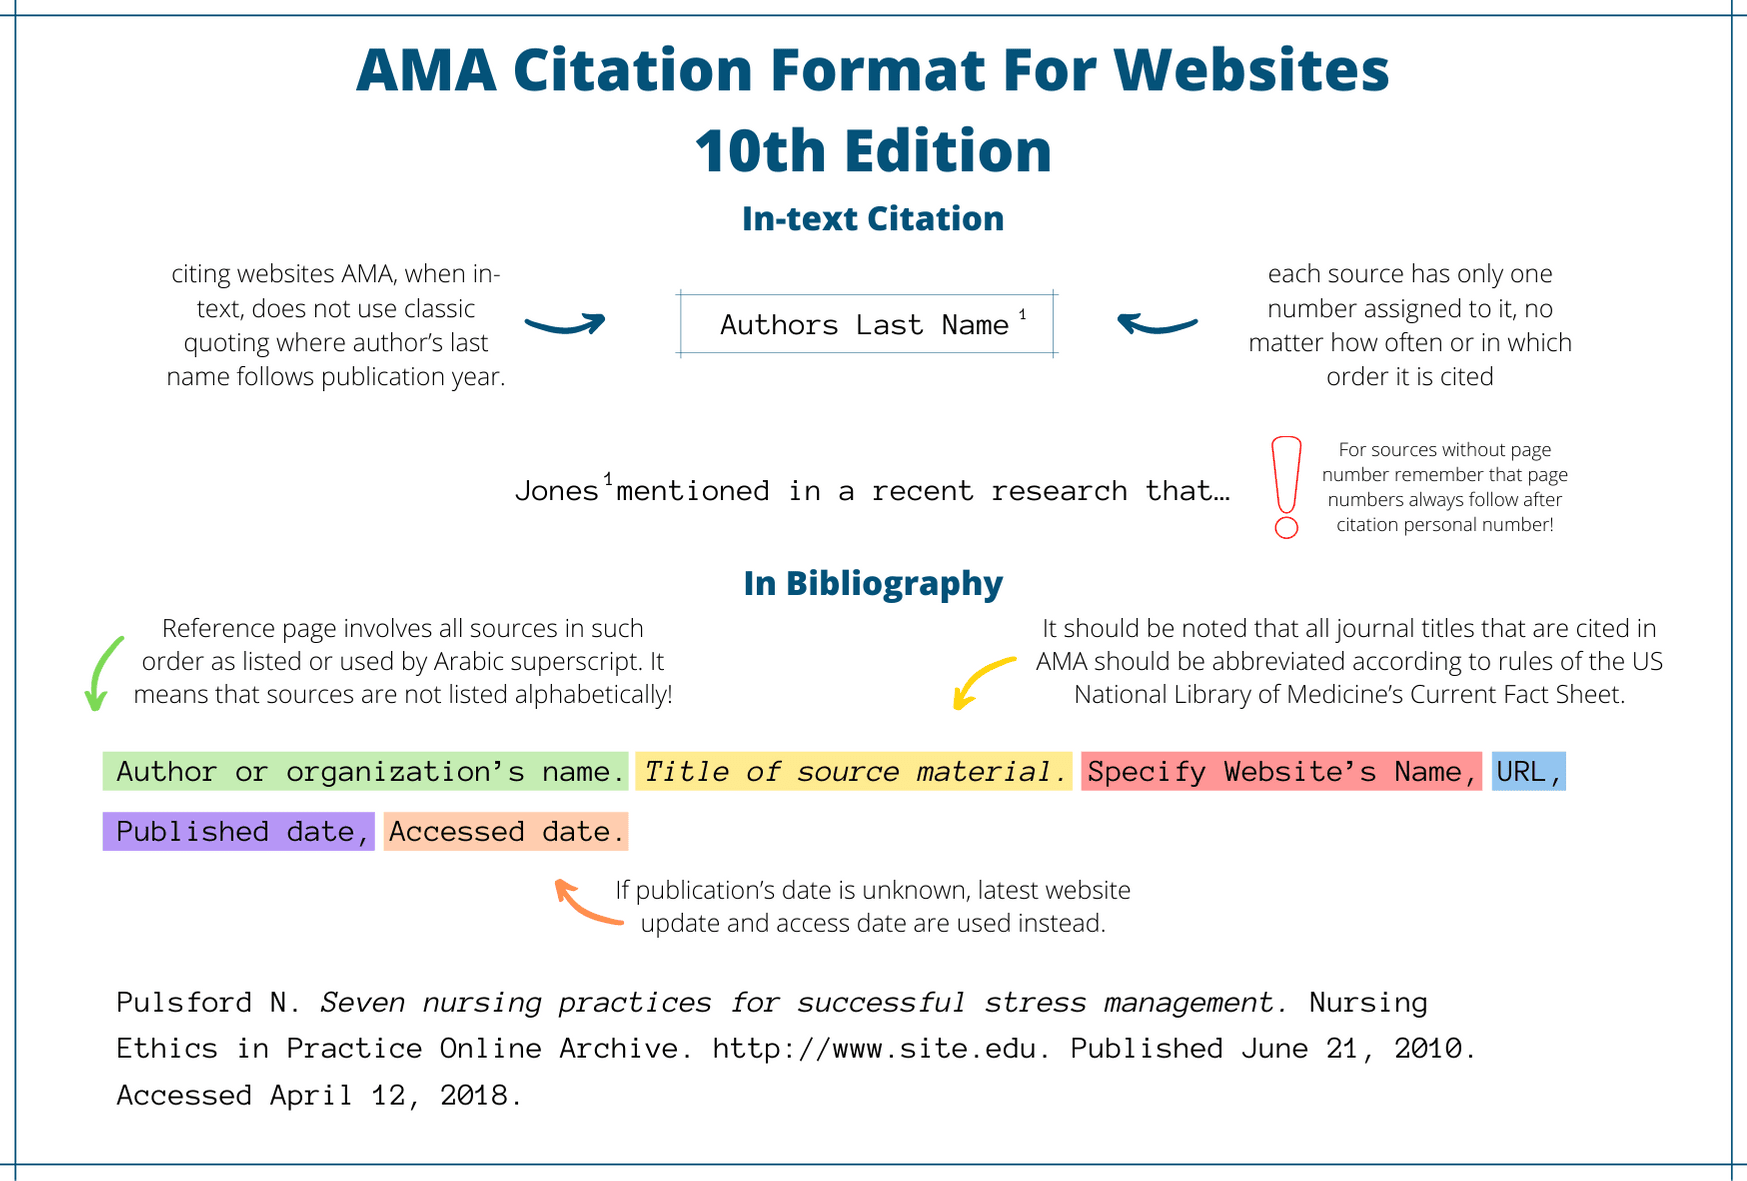 how to cite a website ama